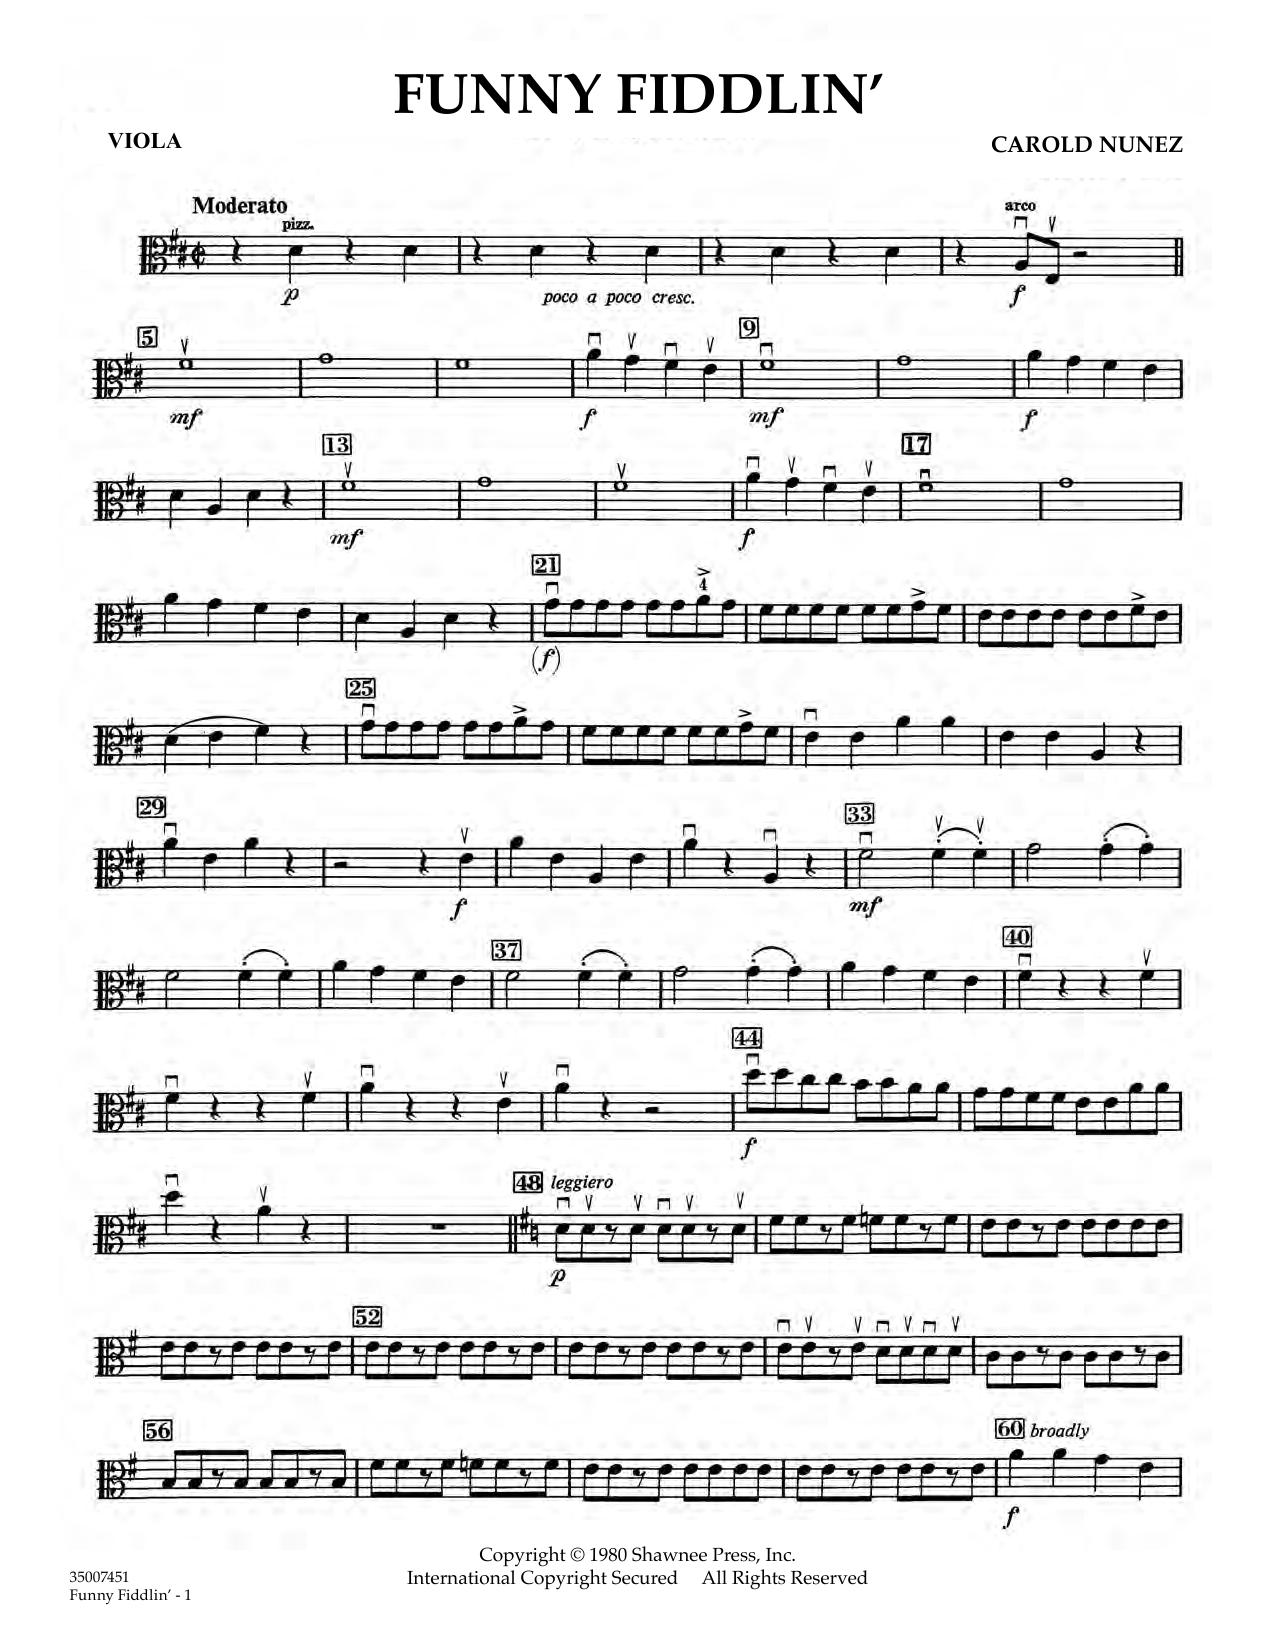 Funny Fiddlin' - Viola